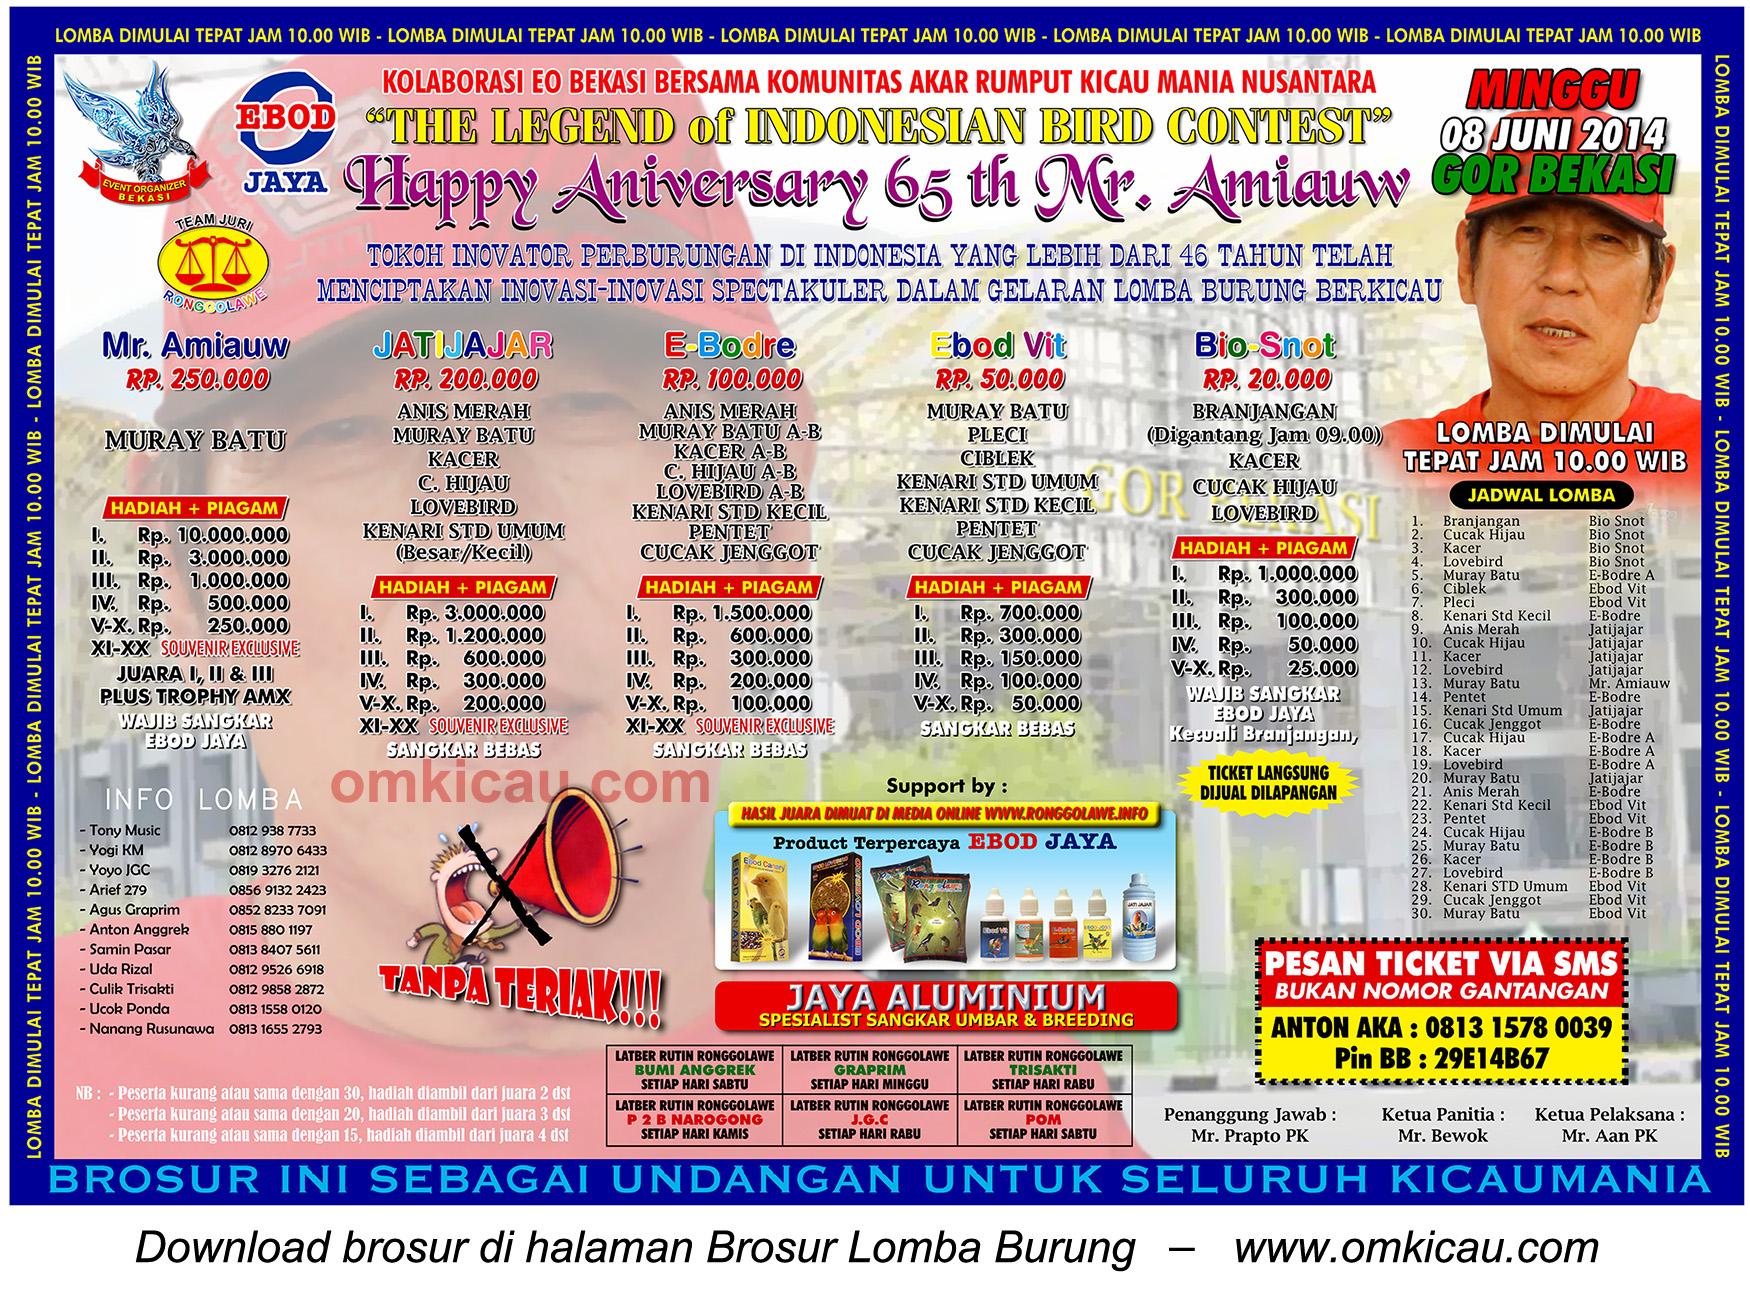 Brosur Lomba Burung Berkicau Happy Anniversary 65 th Mr Amiauw, Bekasi, 8 Juni 2014